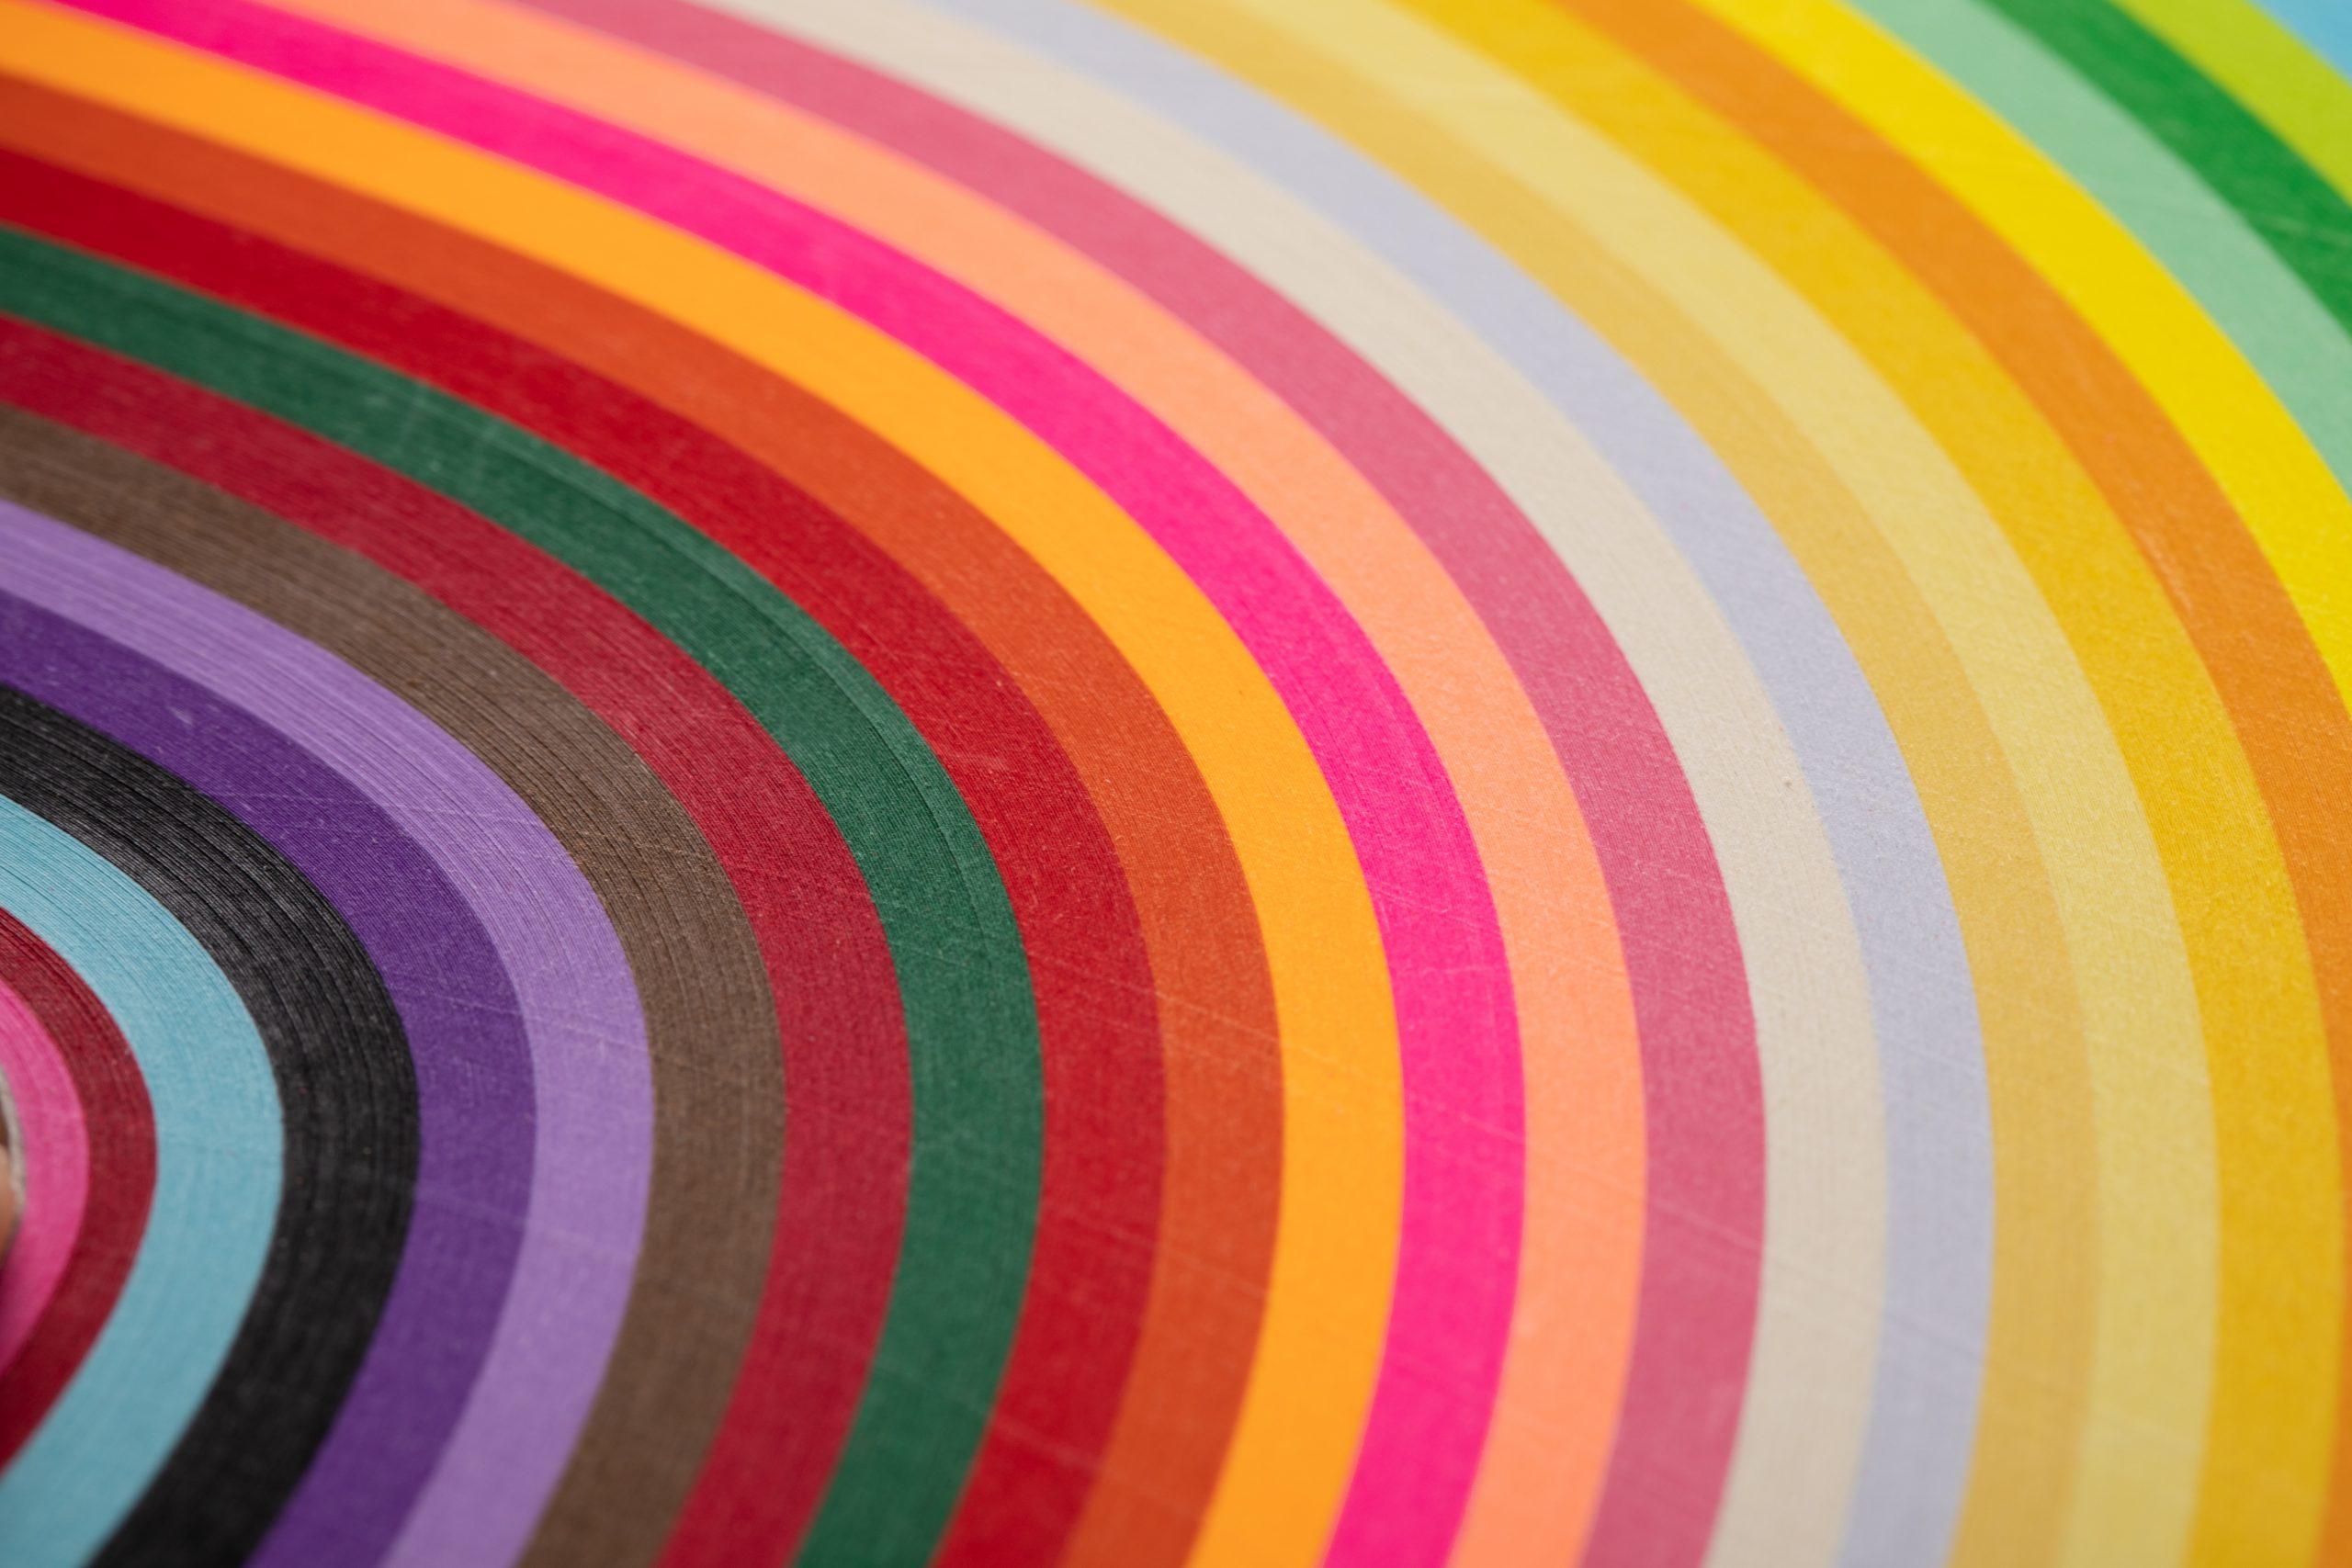 数字能量学颜色,数字1-9对应的颜色